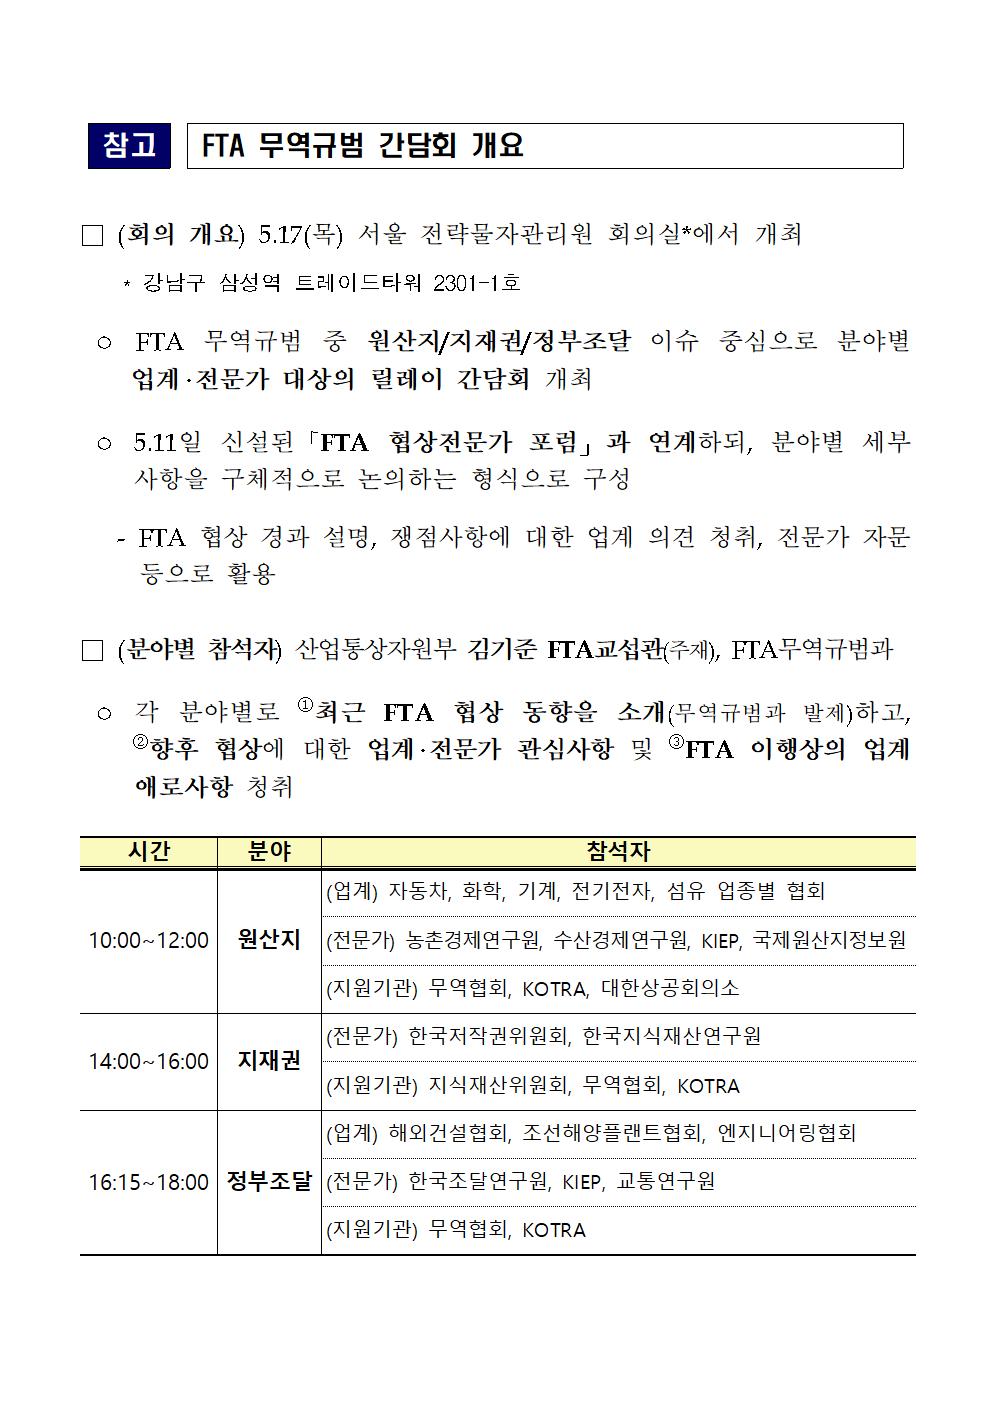 0516 (17일석간) FTA무역규범과, FTA 무역규범간담회003.png